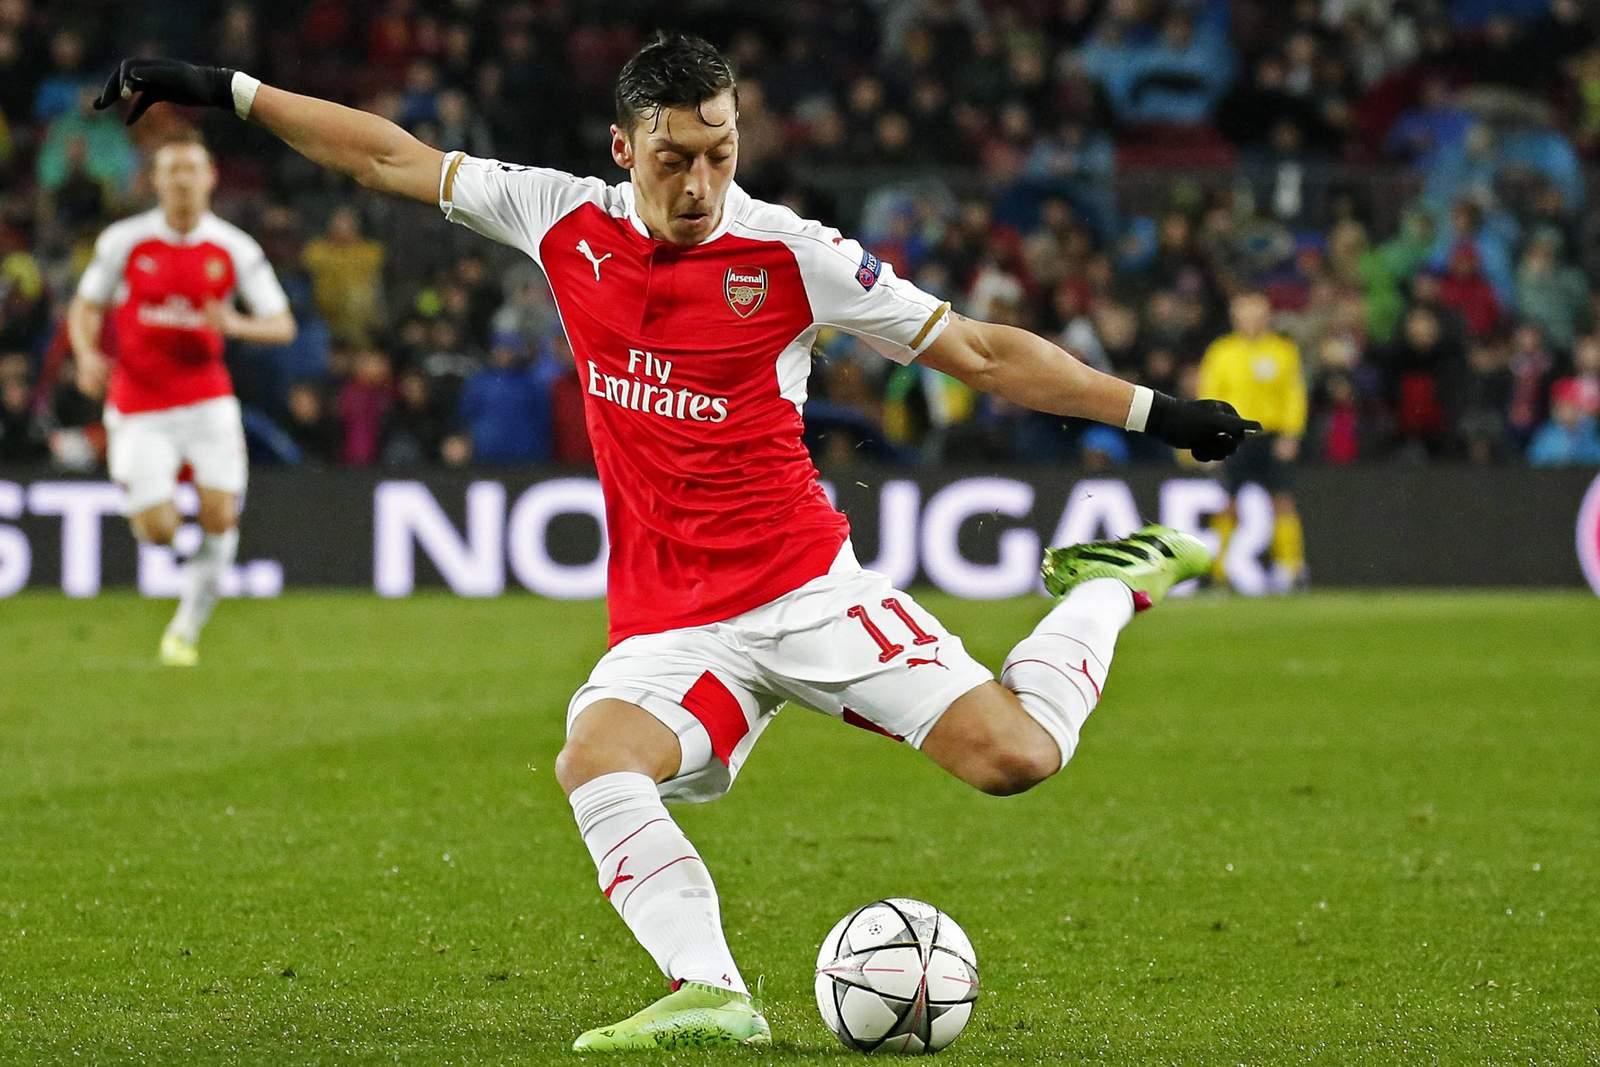 Trifft Özil wieder? Jetzt auf Arsenal gegen Valencia wetten